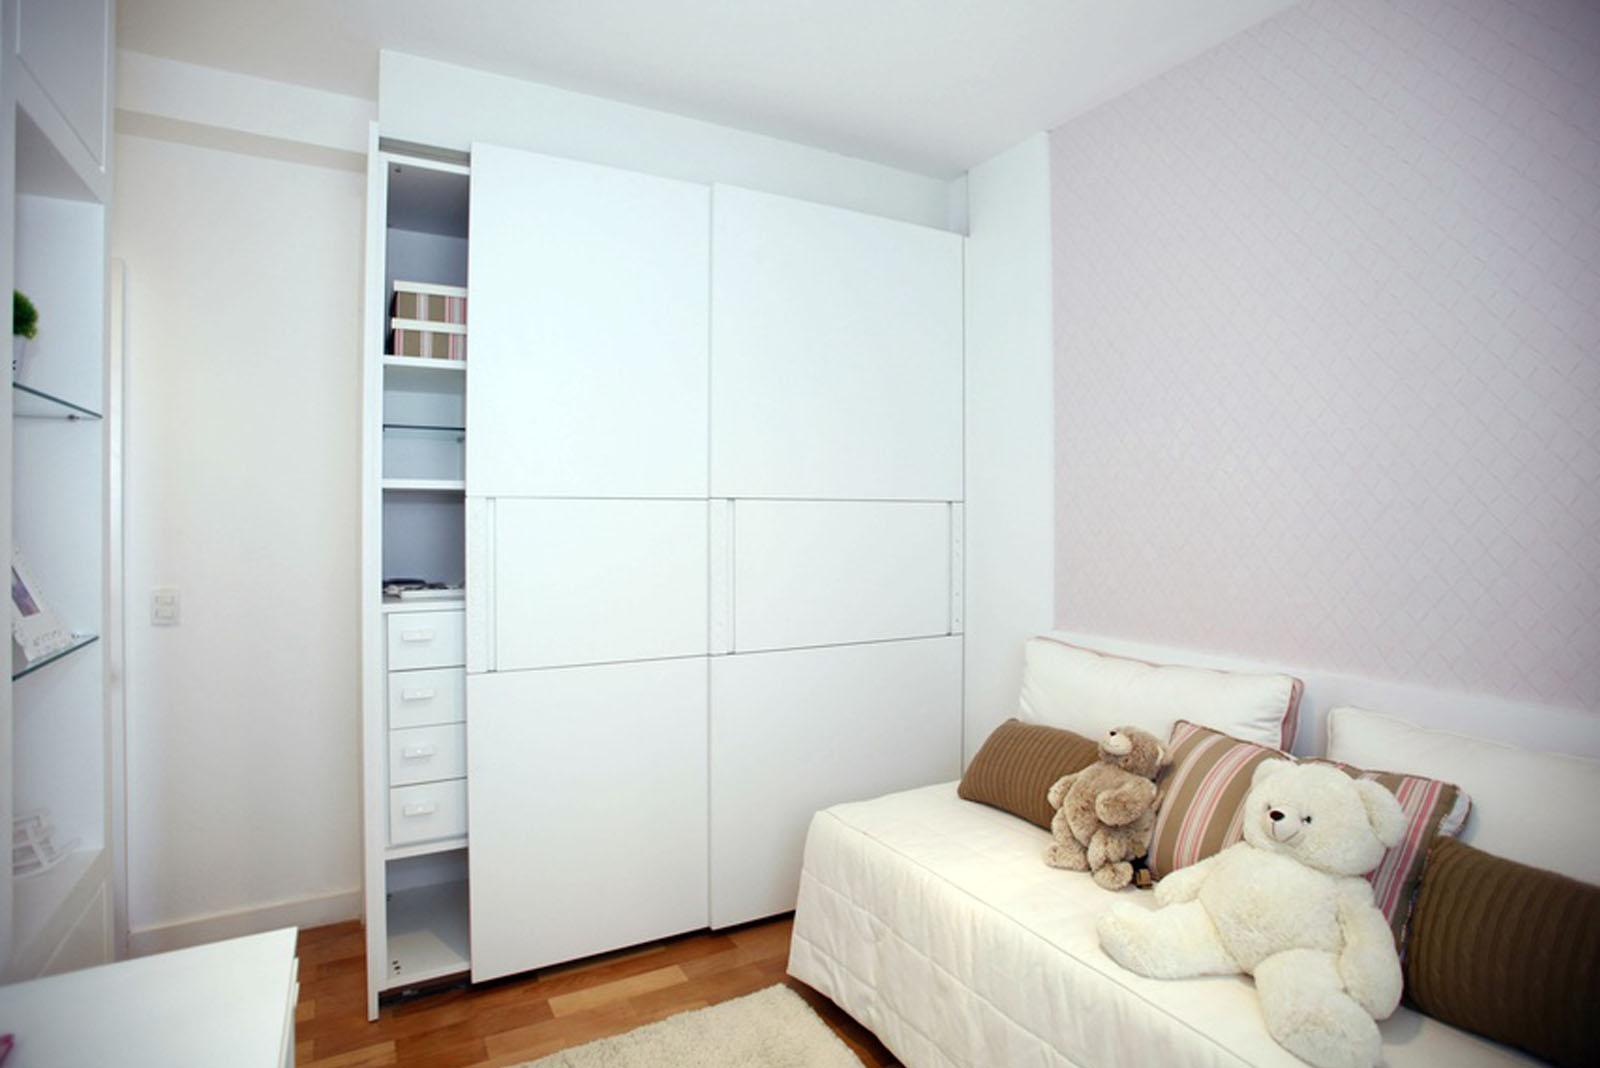 wardrobe bedroom kincir bali WP 3